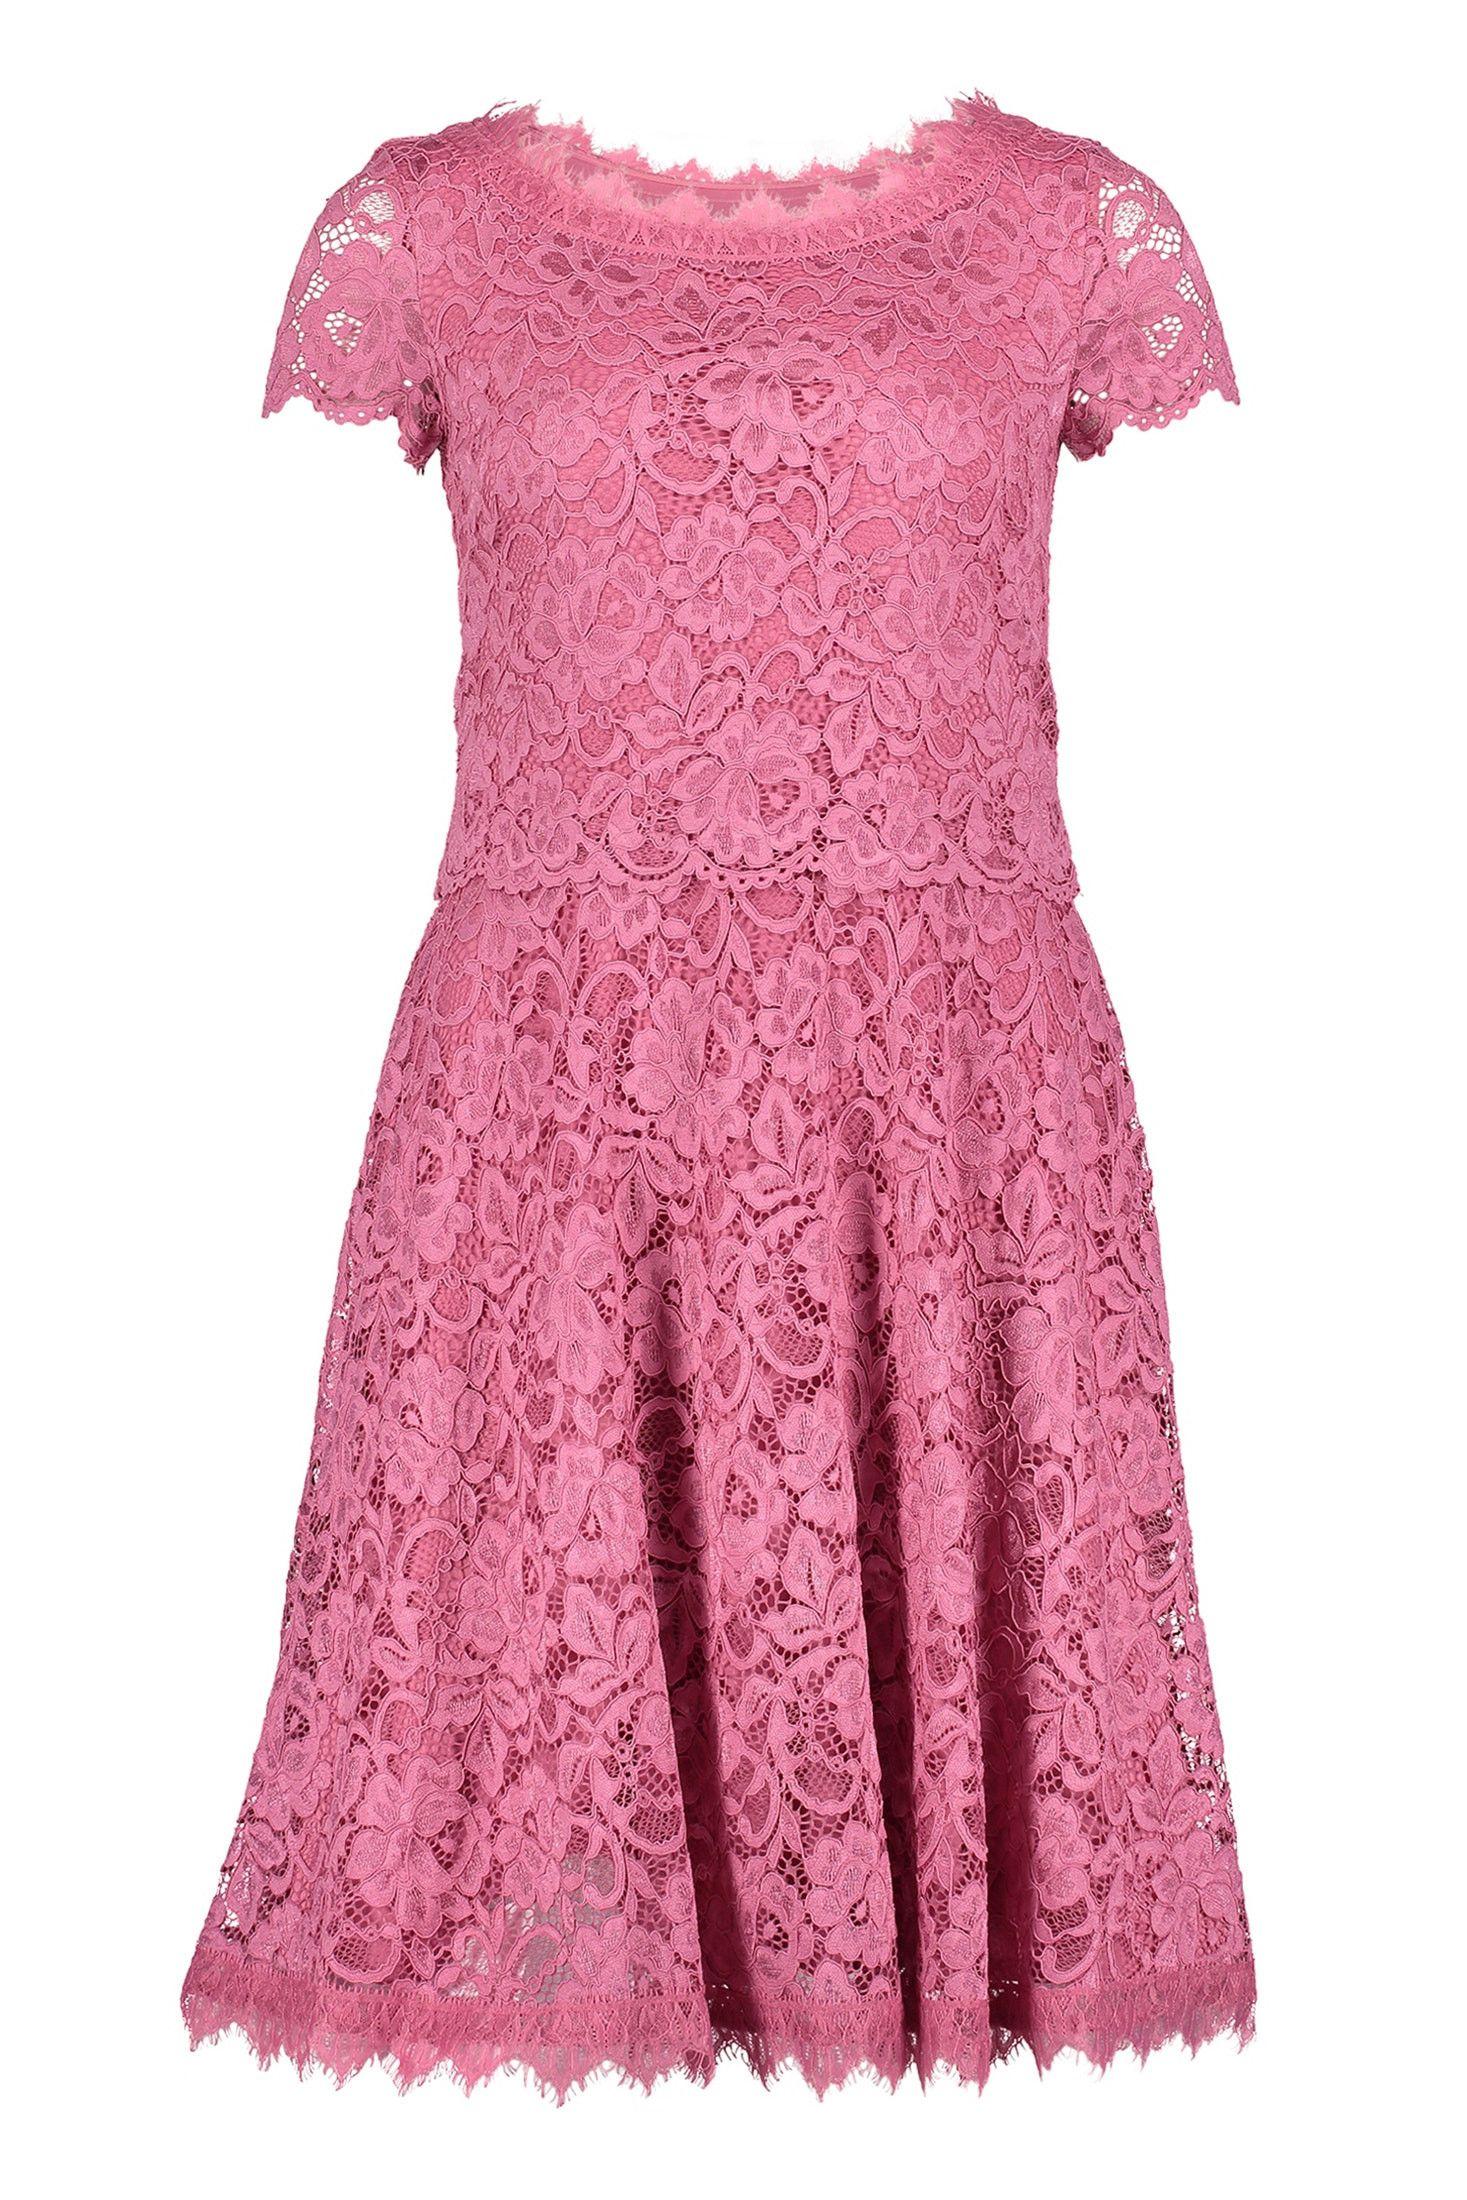 Pin Von Tarciane Feliciano Auf Roupas Minhas In 2020 Hochzeitskleid Ballkleid Kleider Fur Balle Kleid Spitze